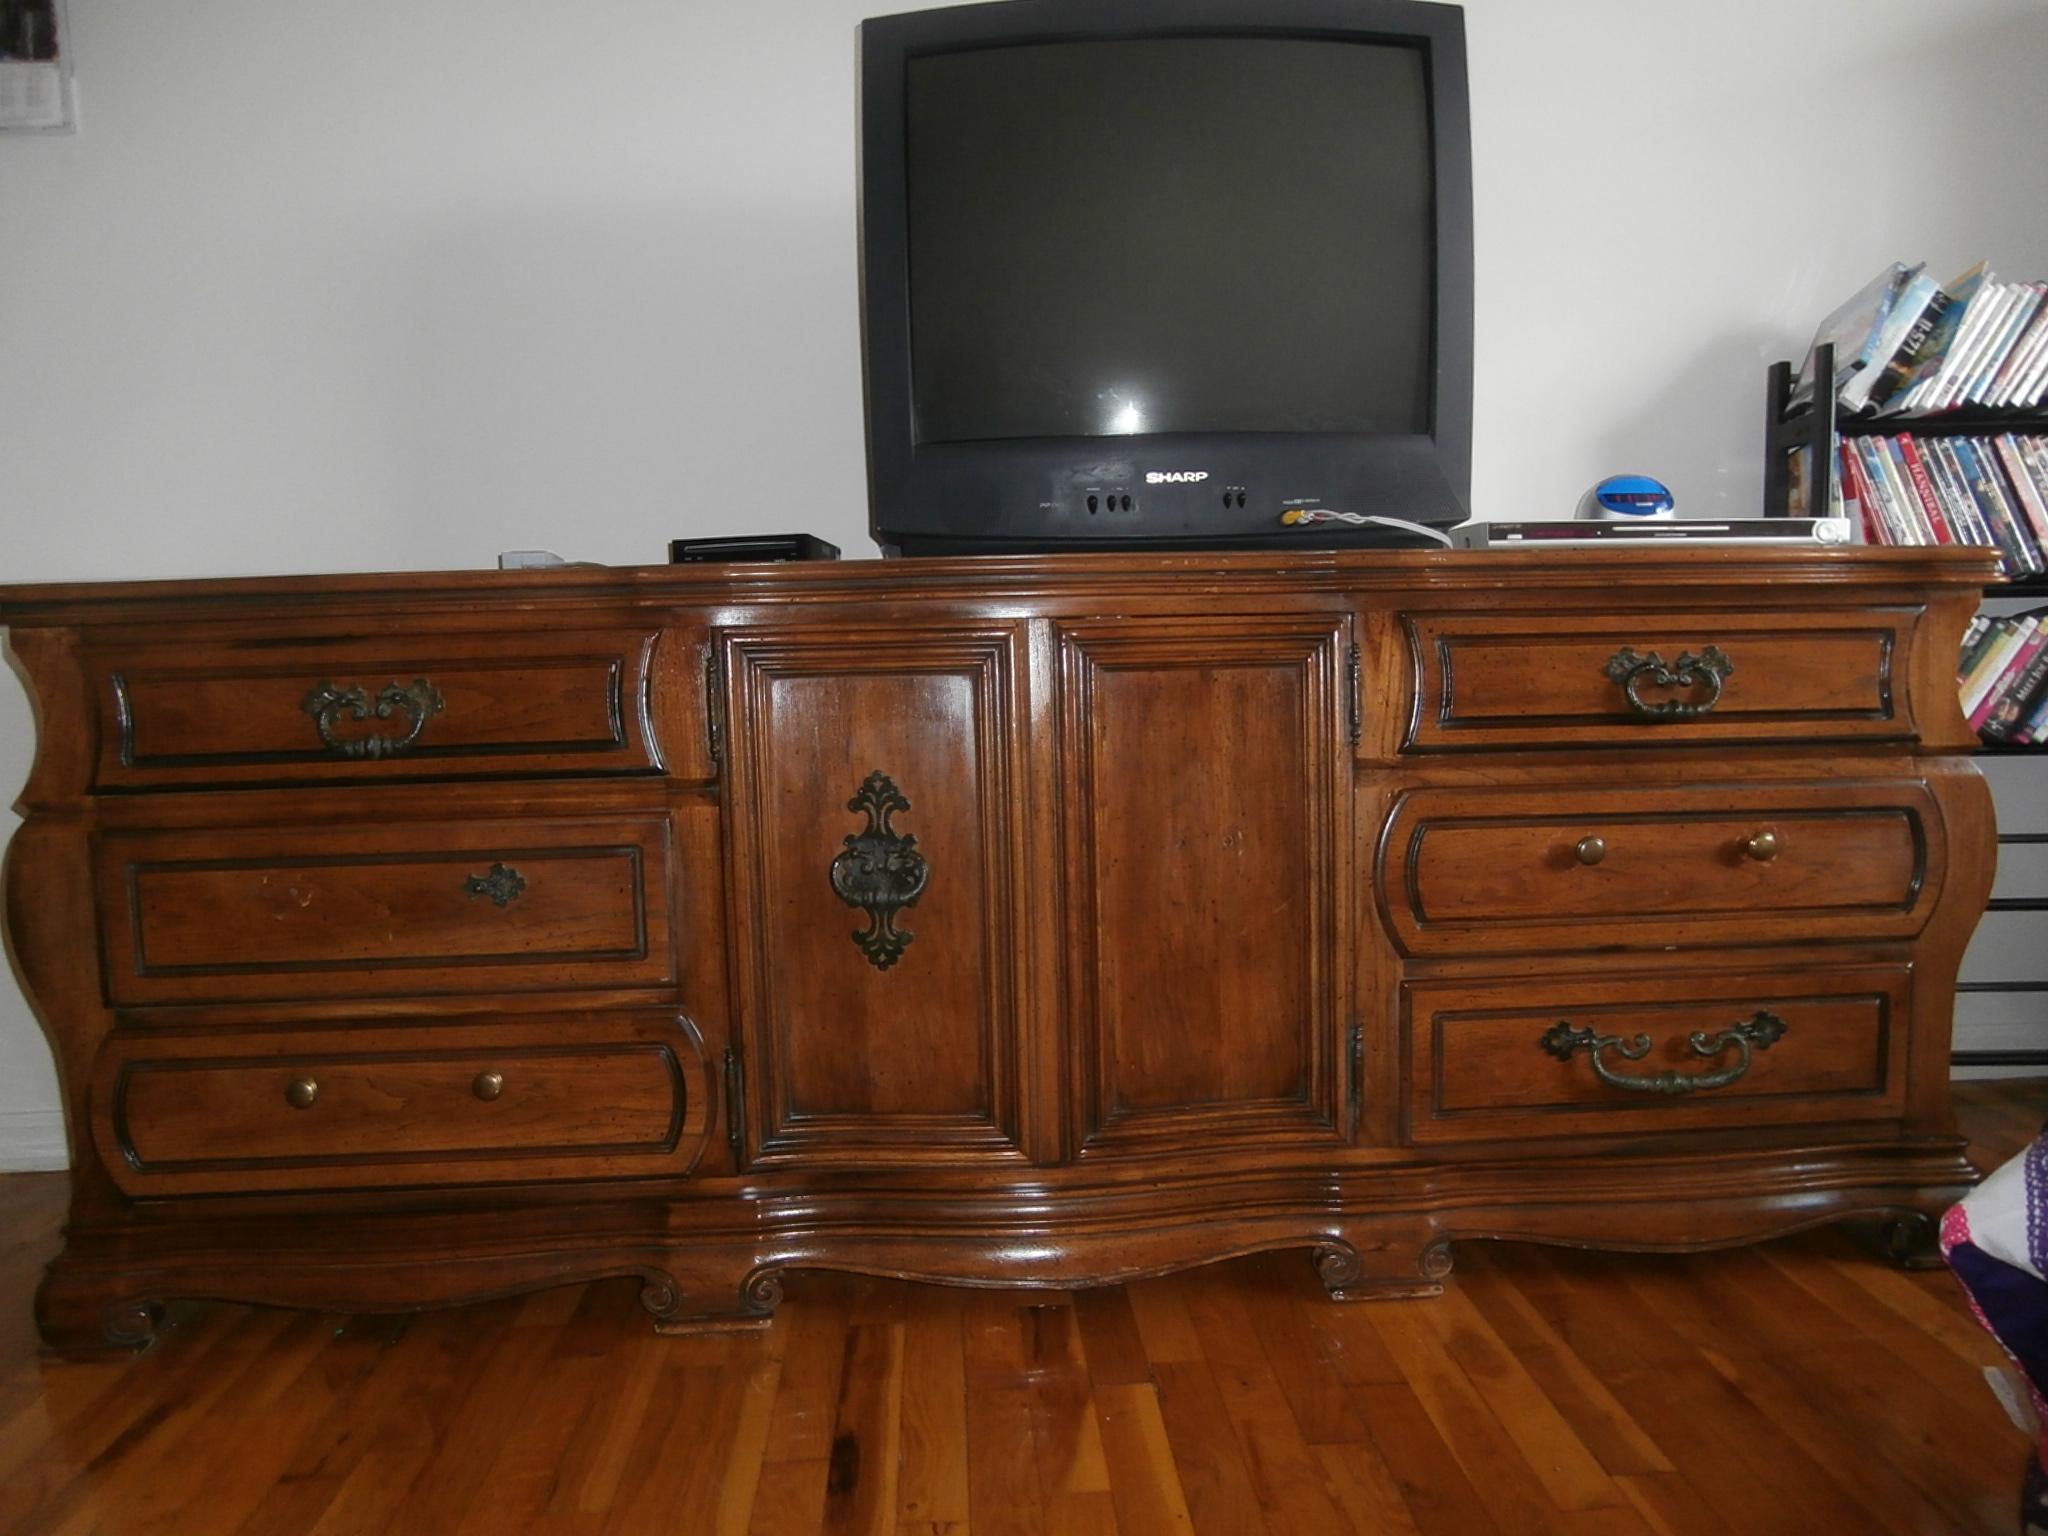 Ogłoszenie darmowe. Lokalizacja:  NJ, Hillsborough. ARCHIWALNE - Wszystkie. Sprzedam piekny, drewniany zestaw do.